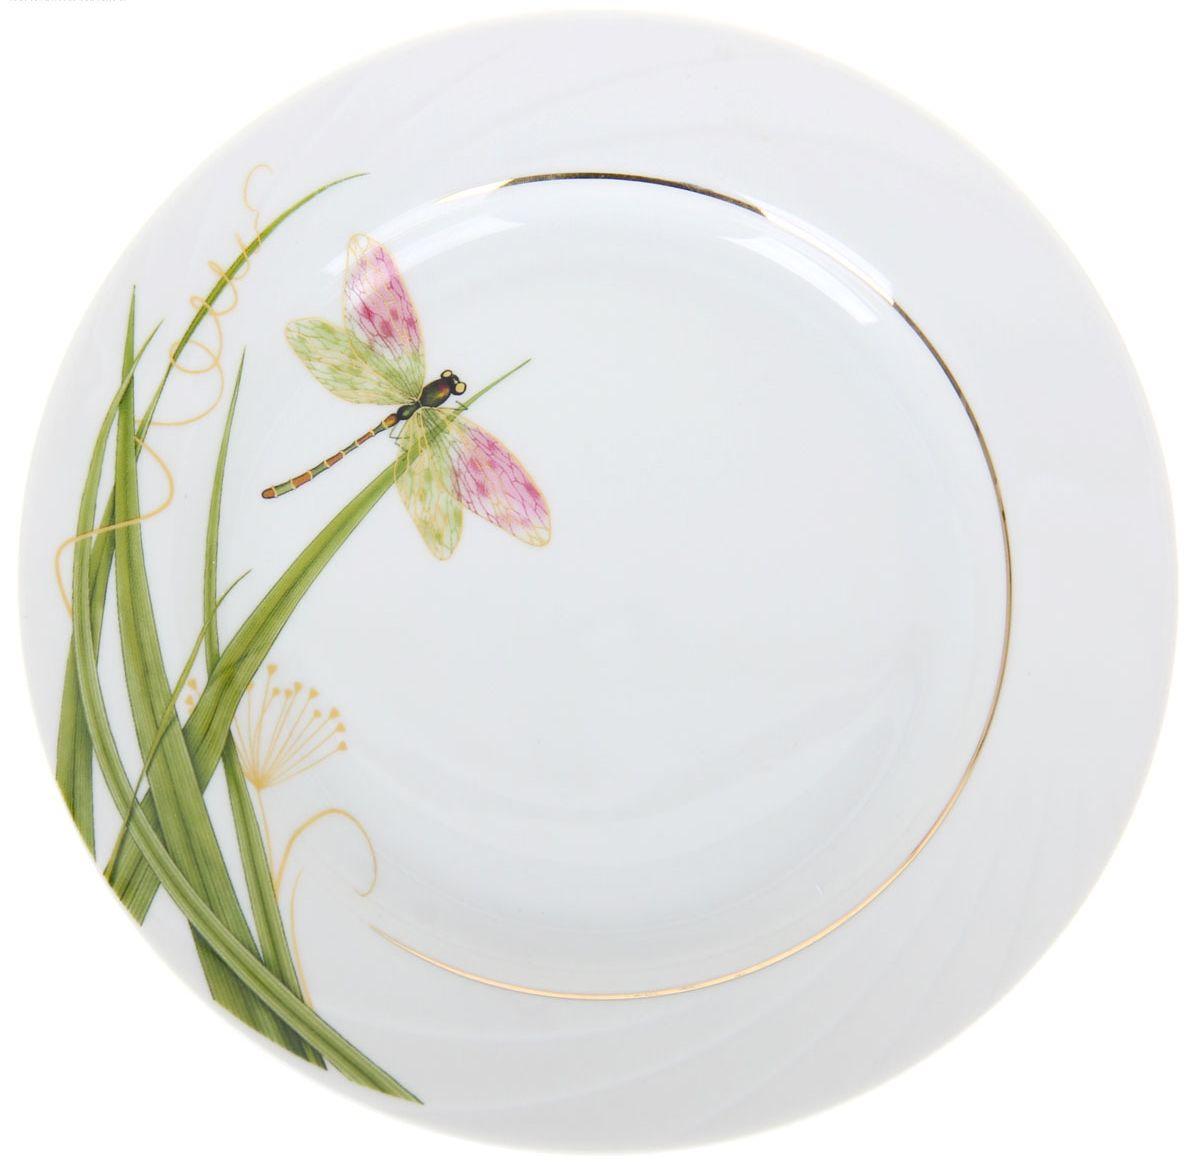 Тарелка мелкая Голубка. Стрекоза, диаметр 17,5 см1224523